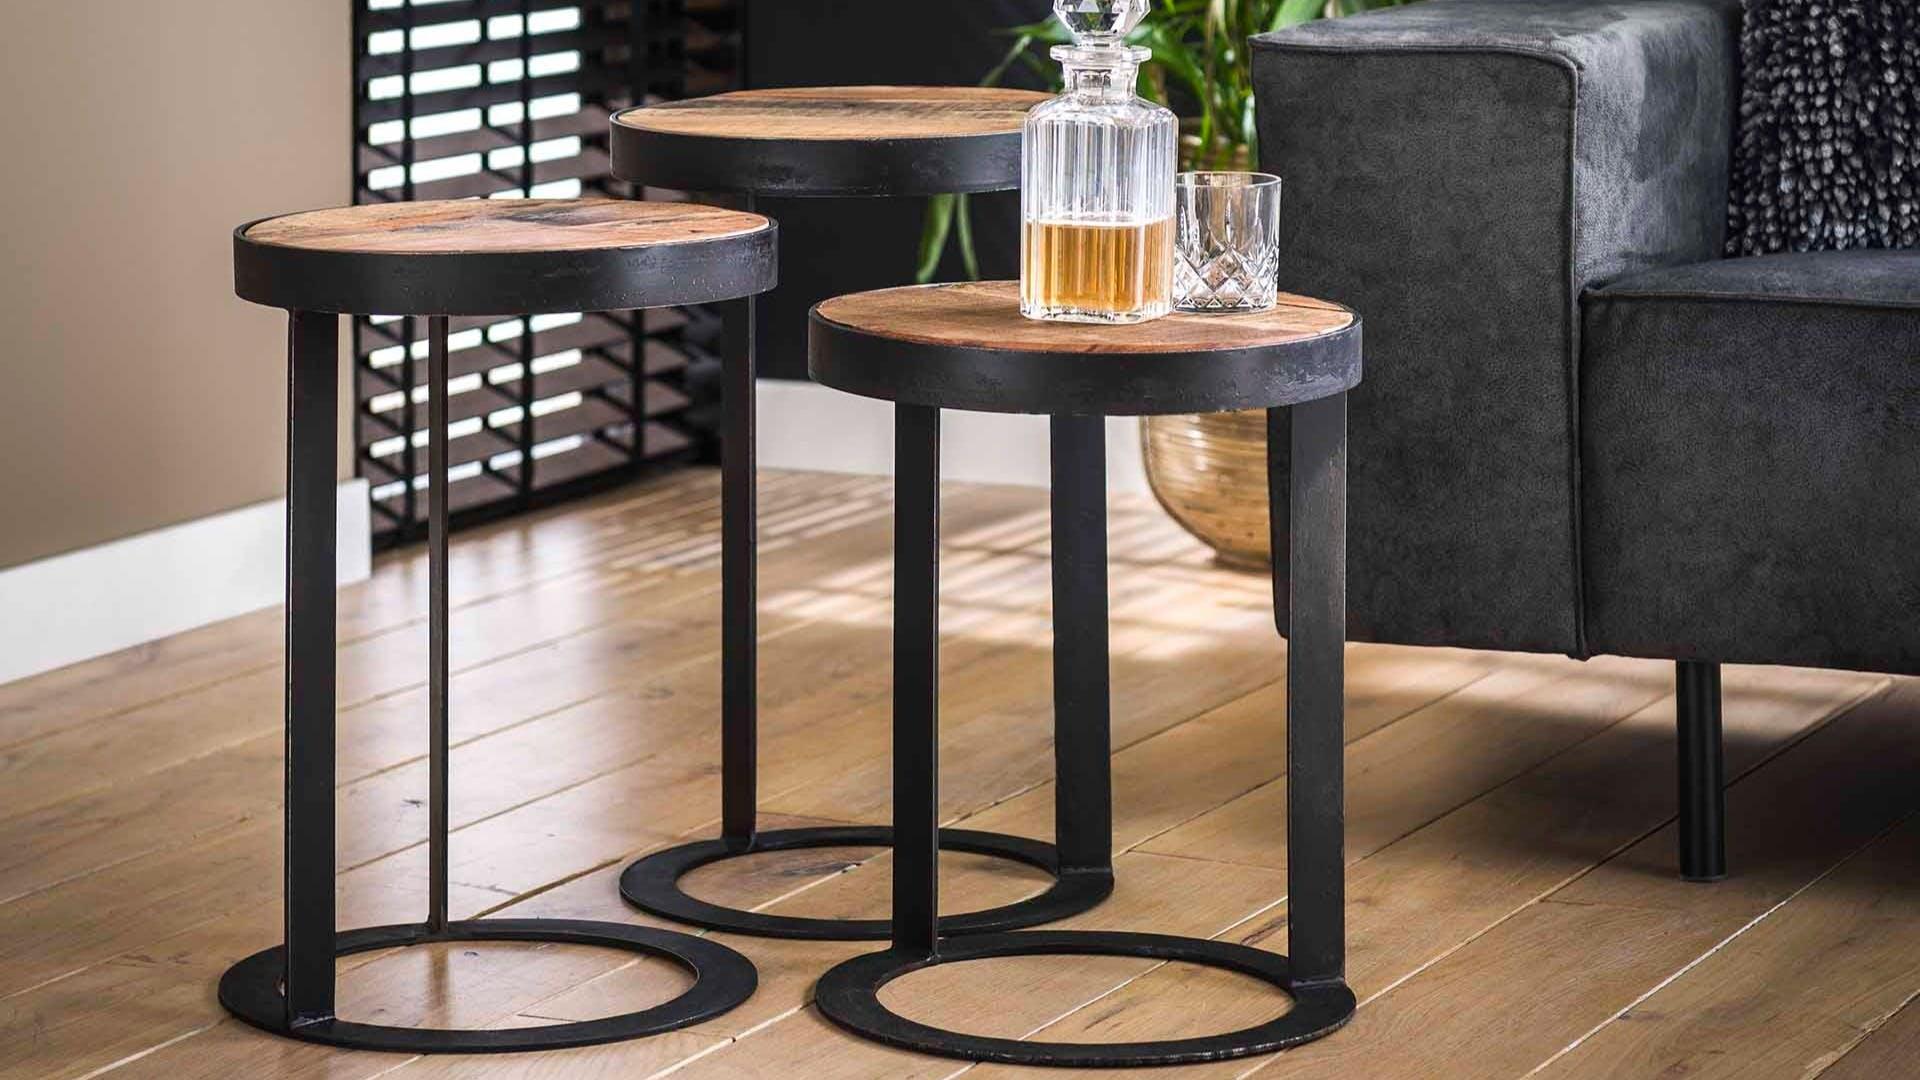 Tables d'appoint - Sellettes : bois, métal...